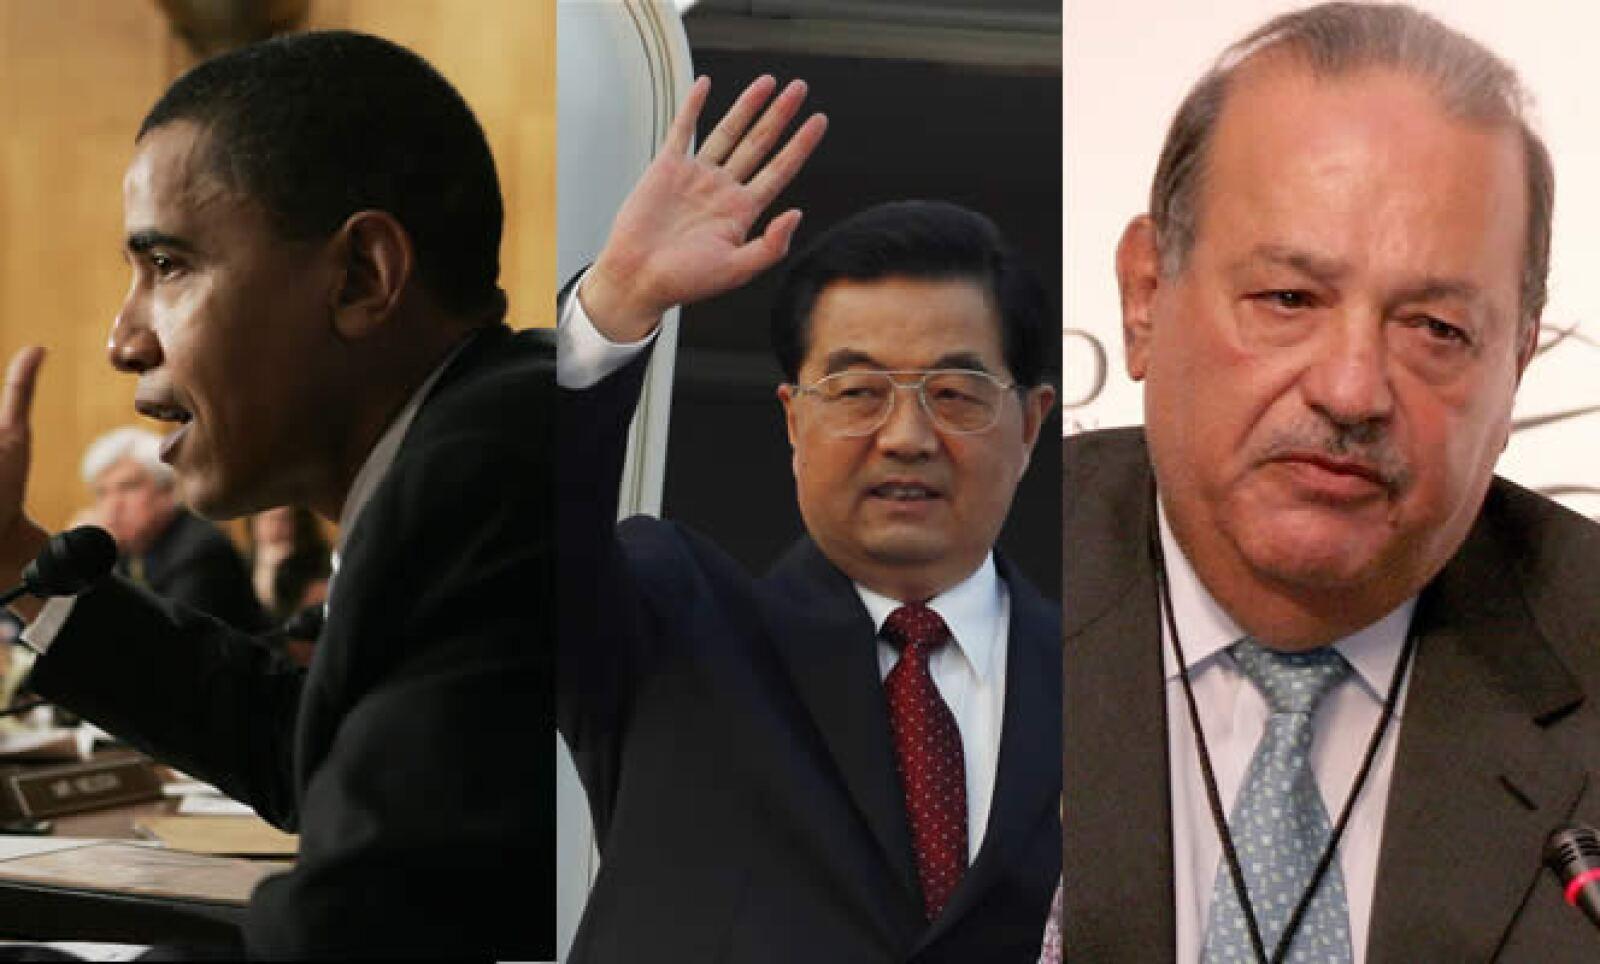 """En el ranking de """"Las personas más poderosas del mundo"""" de la revista Forbes, ocuparon los primeros lugares de la lista los líderes de Estados Unidos, Barack Obama, y China, Hu Jintao. El empresario Carlos Slim figuró en 6º lugar."""